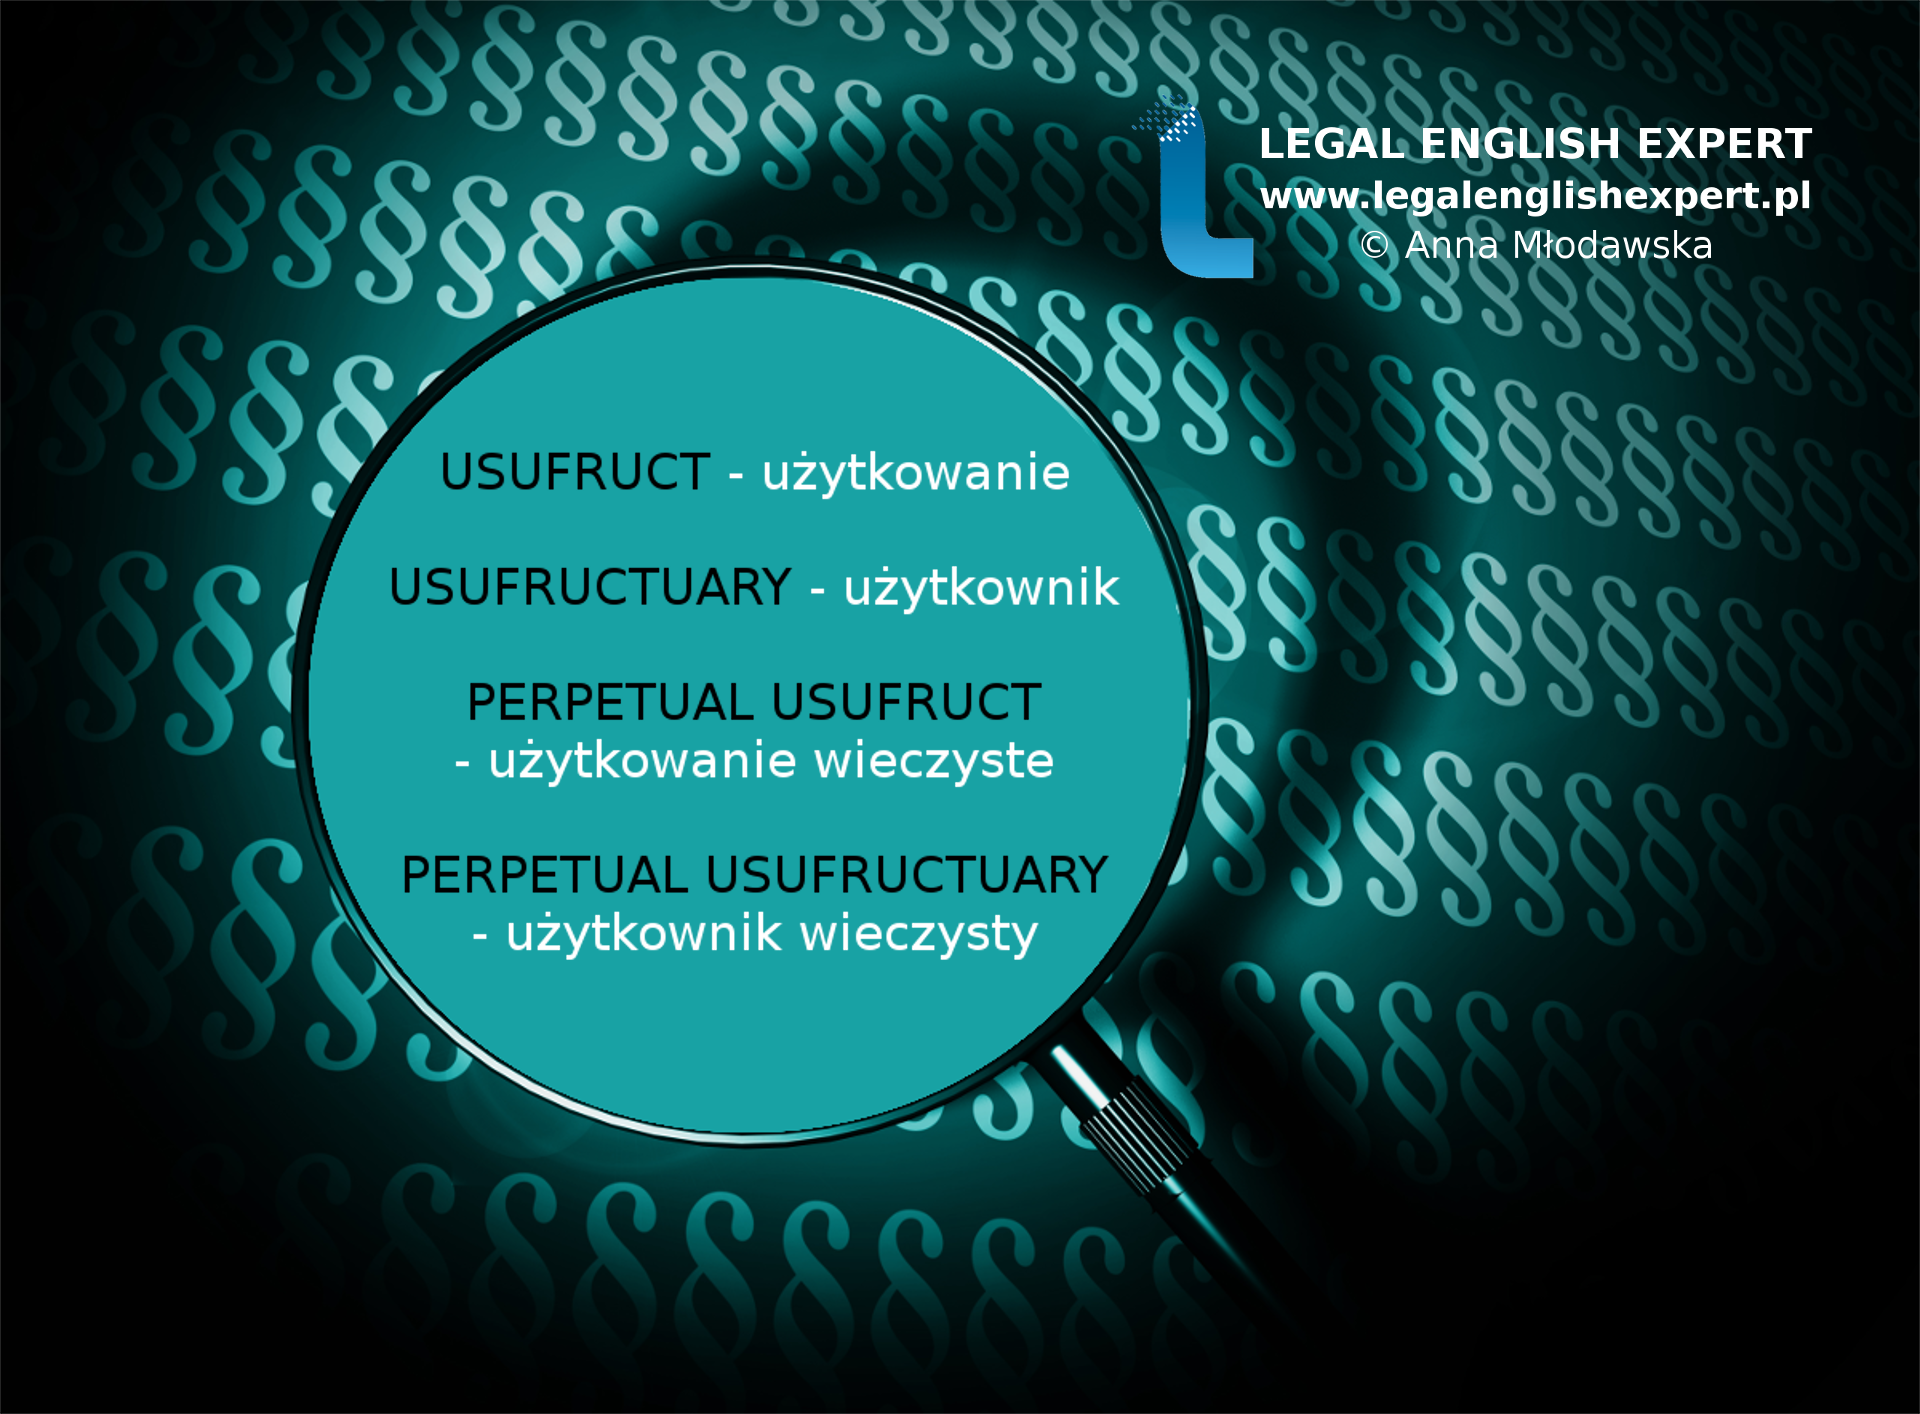 LEGAL ENGLISH EXPERT - infografika_41 - użytkowanie